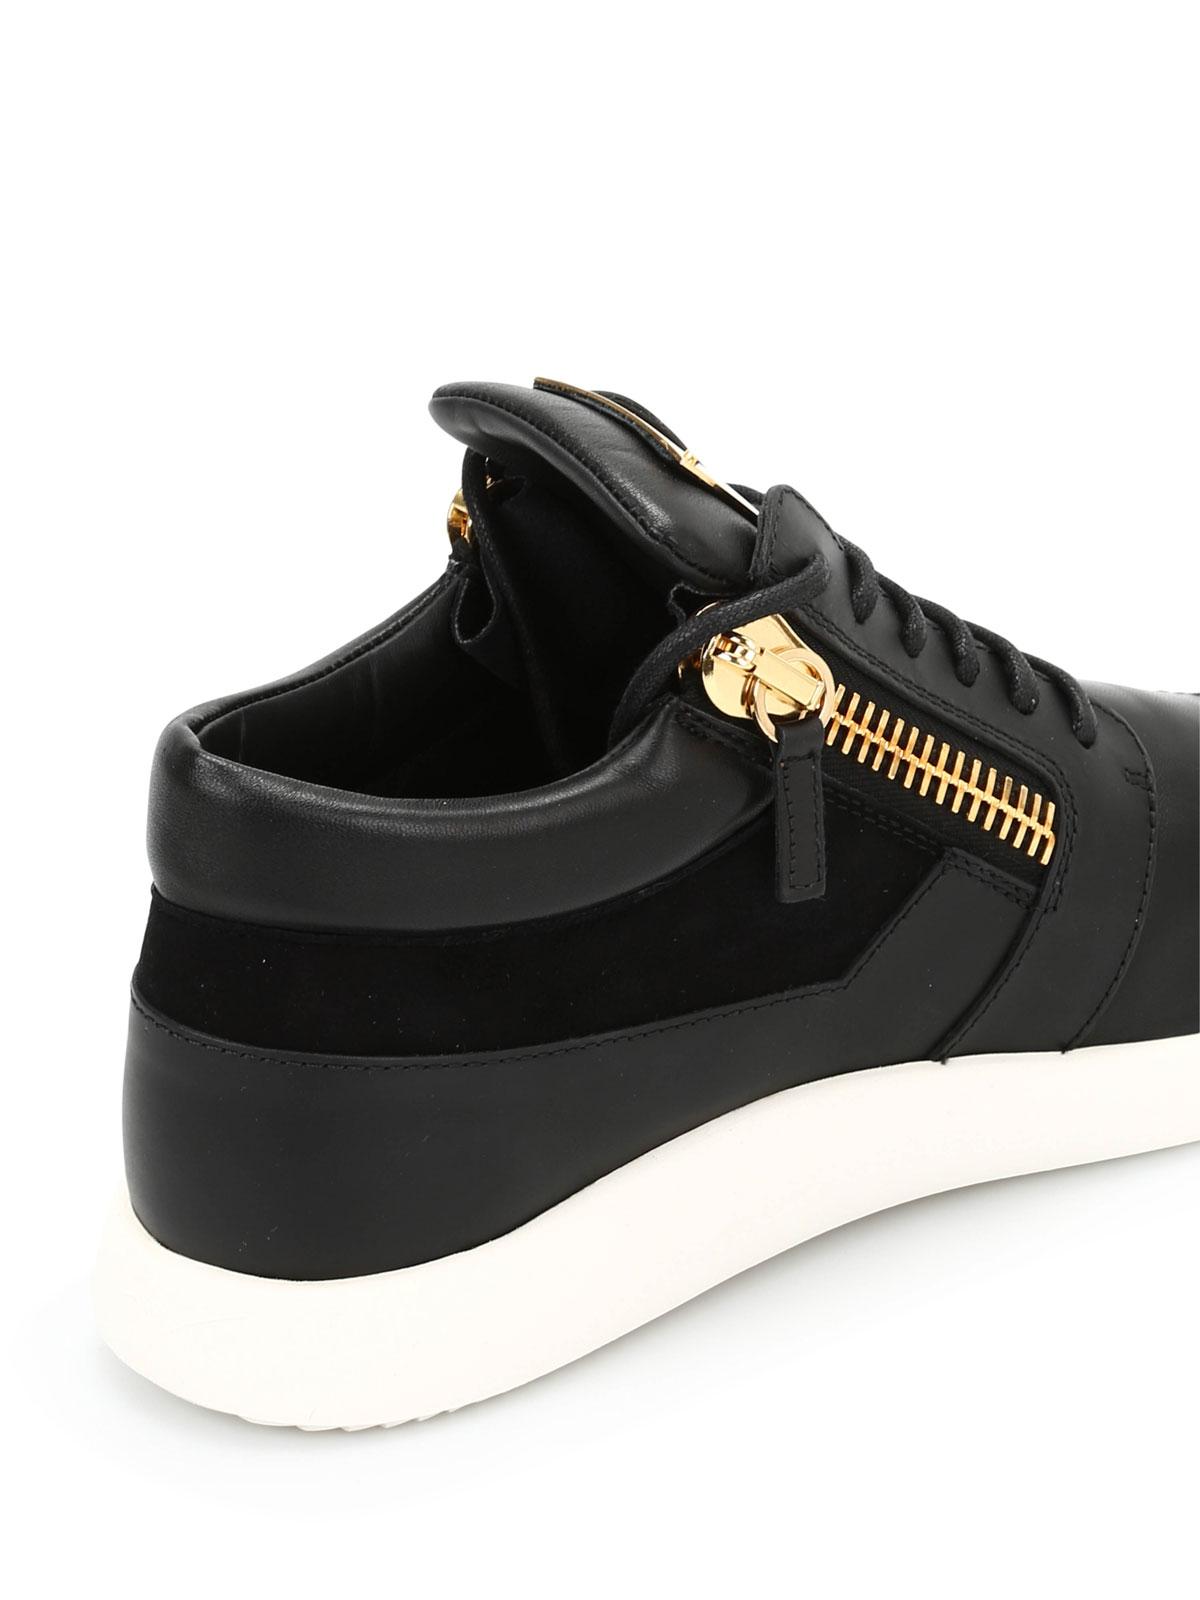 bas prix 4d4c8 0cb89 Giuseppe Zanotti - Baskets Noir Pour Homme - Chaussures de ...